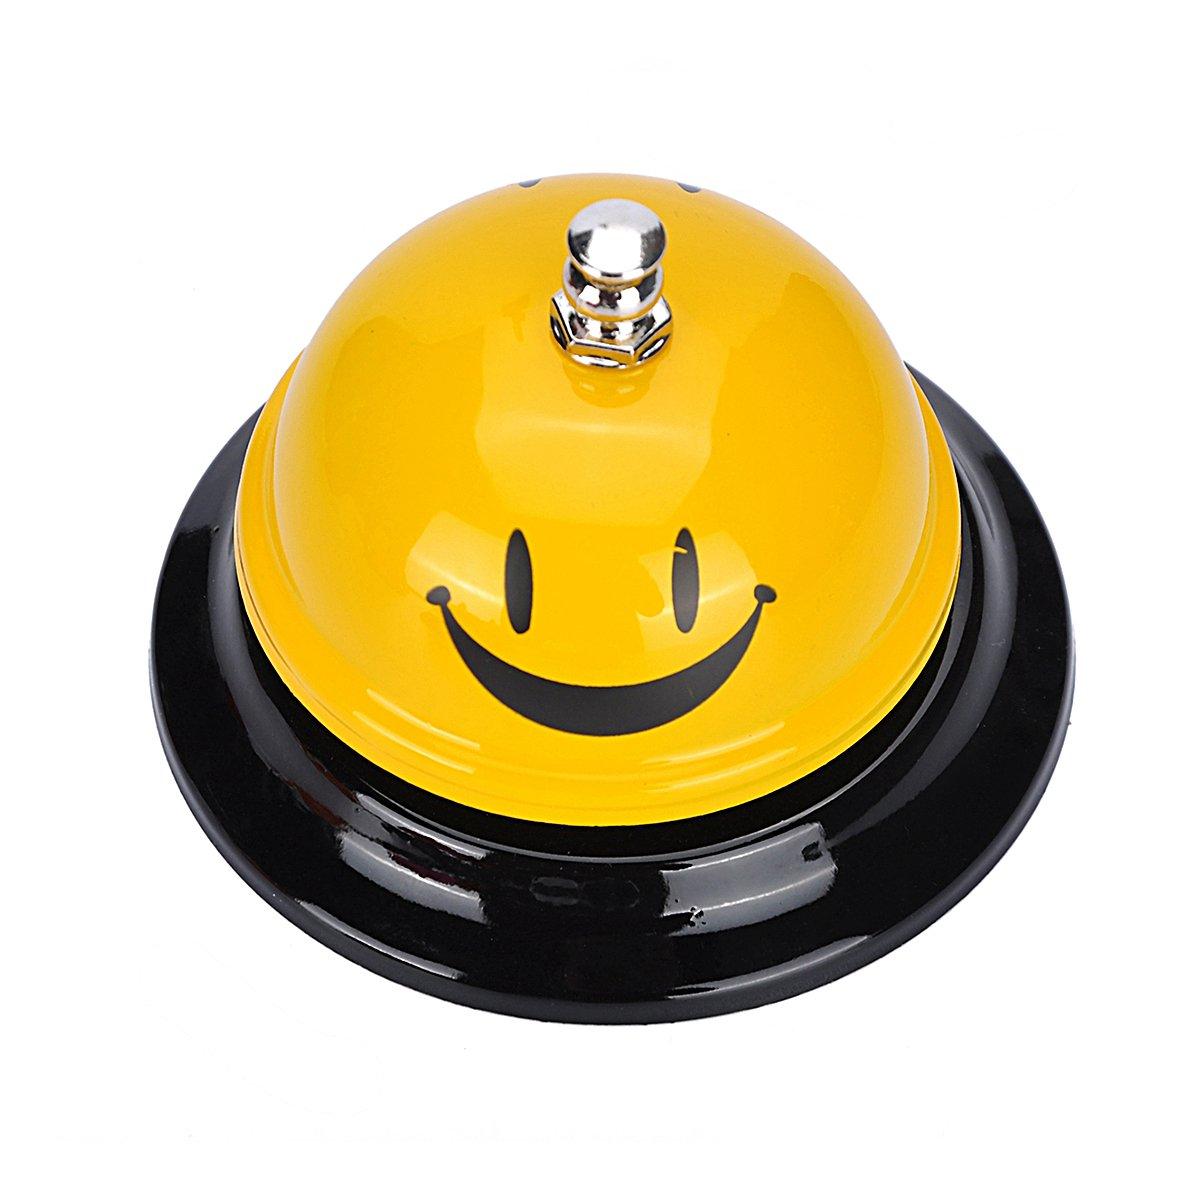 Yeenee Call Bell per ristorante Concierge hotel bar cucina gioco anello con smiley design W0A0A1A9S